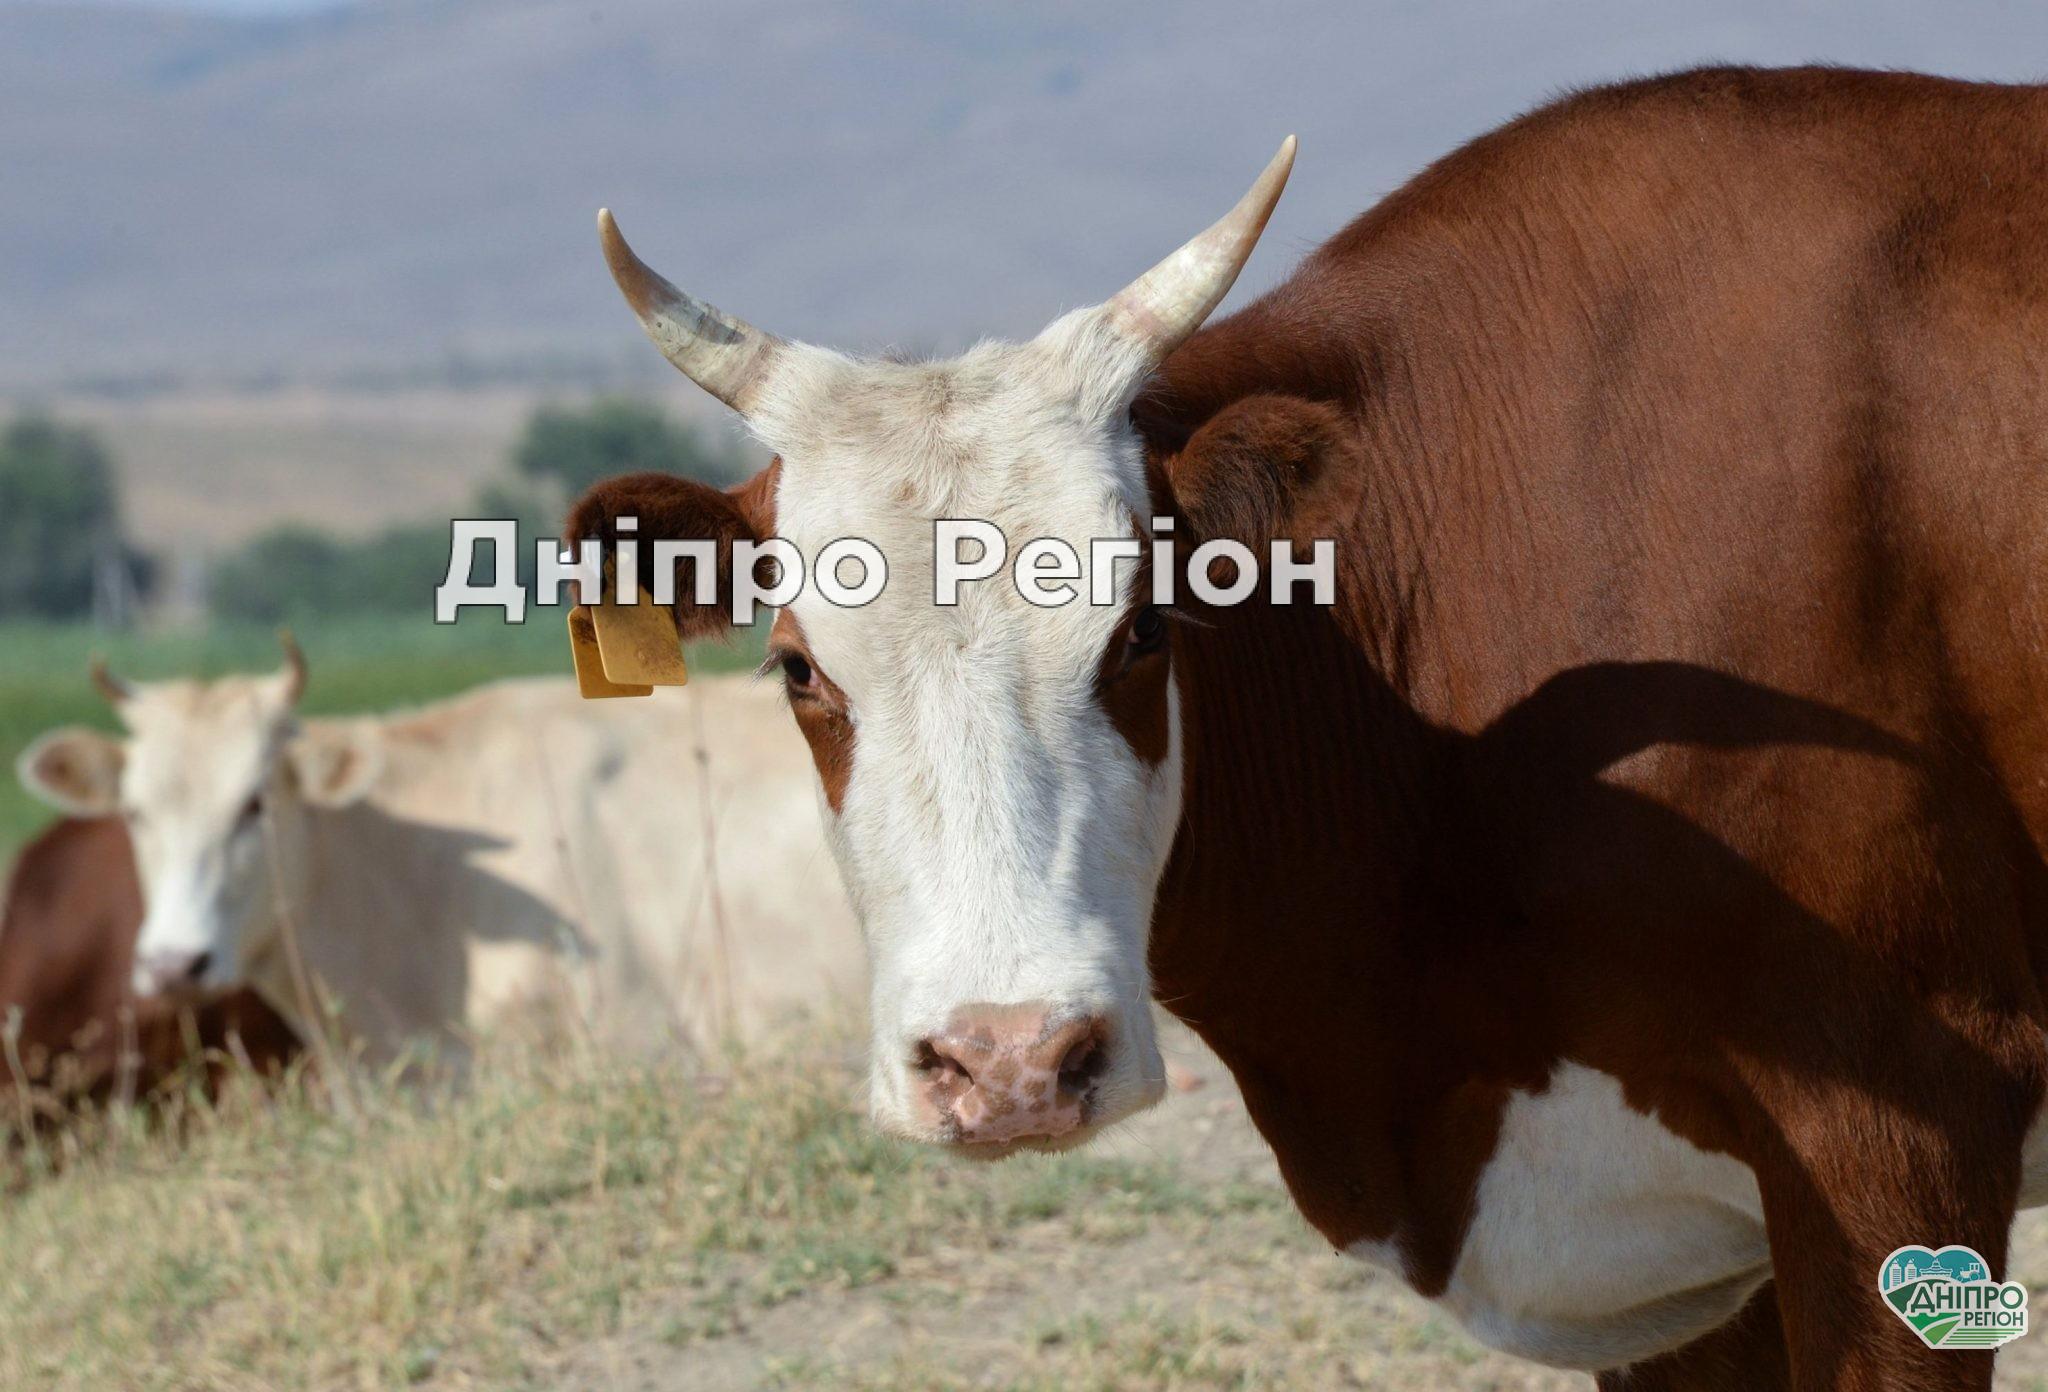 Богуславська корова із Павлоградщини, що плавала поруч із дітьми, стала зіркою соцмереж (ВІДЕО)